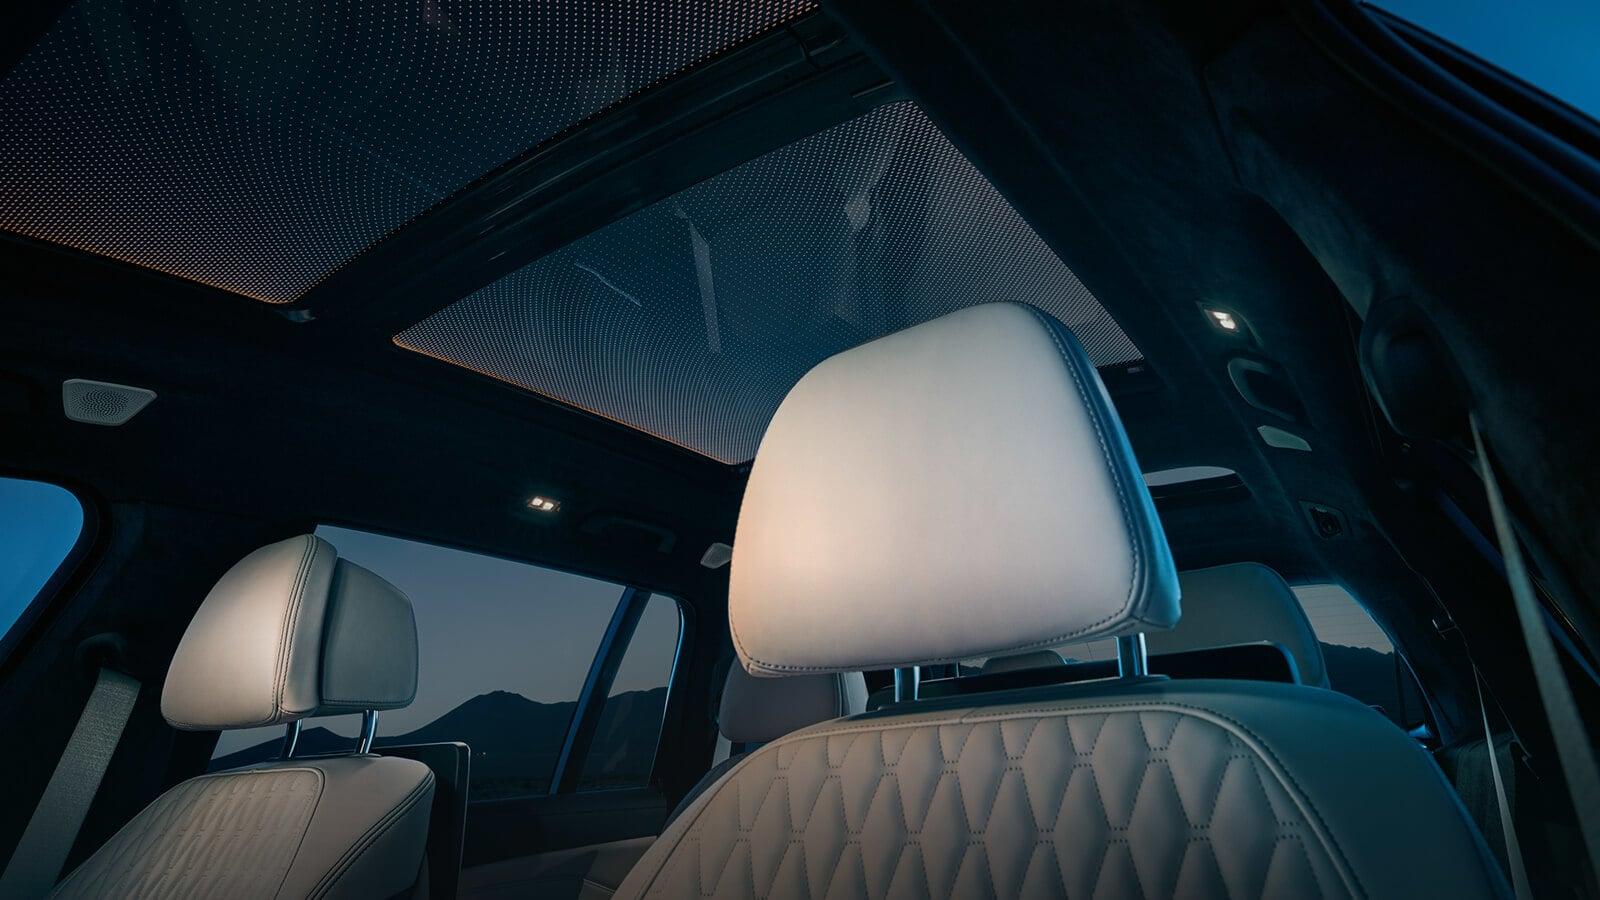 2019 BMW X7 Moonroof